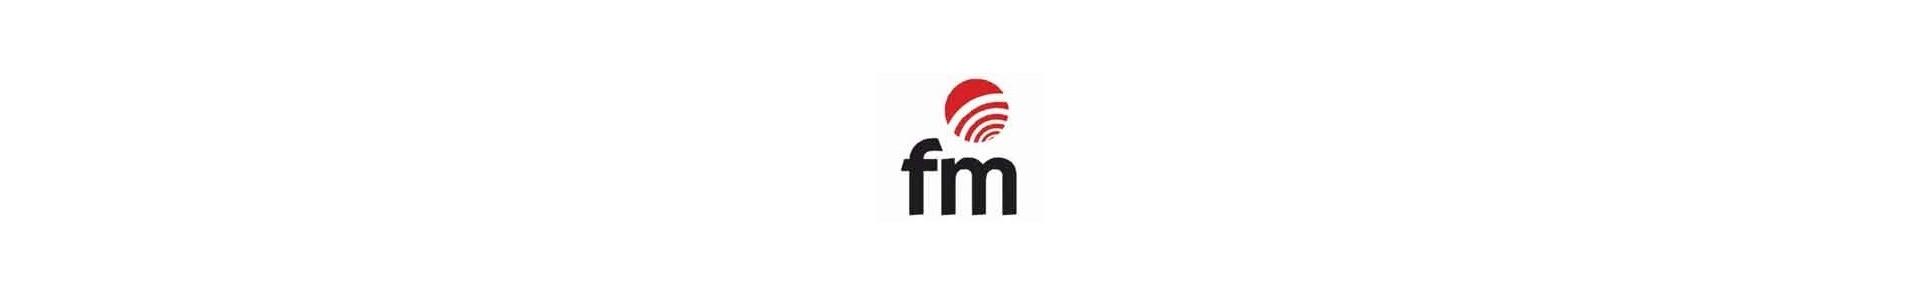 Accesorios FM